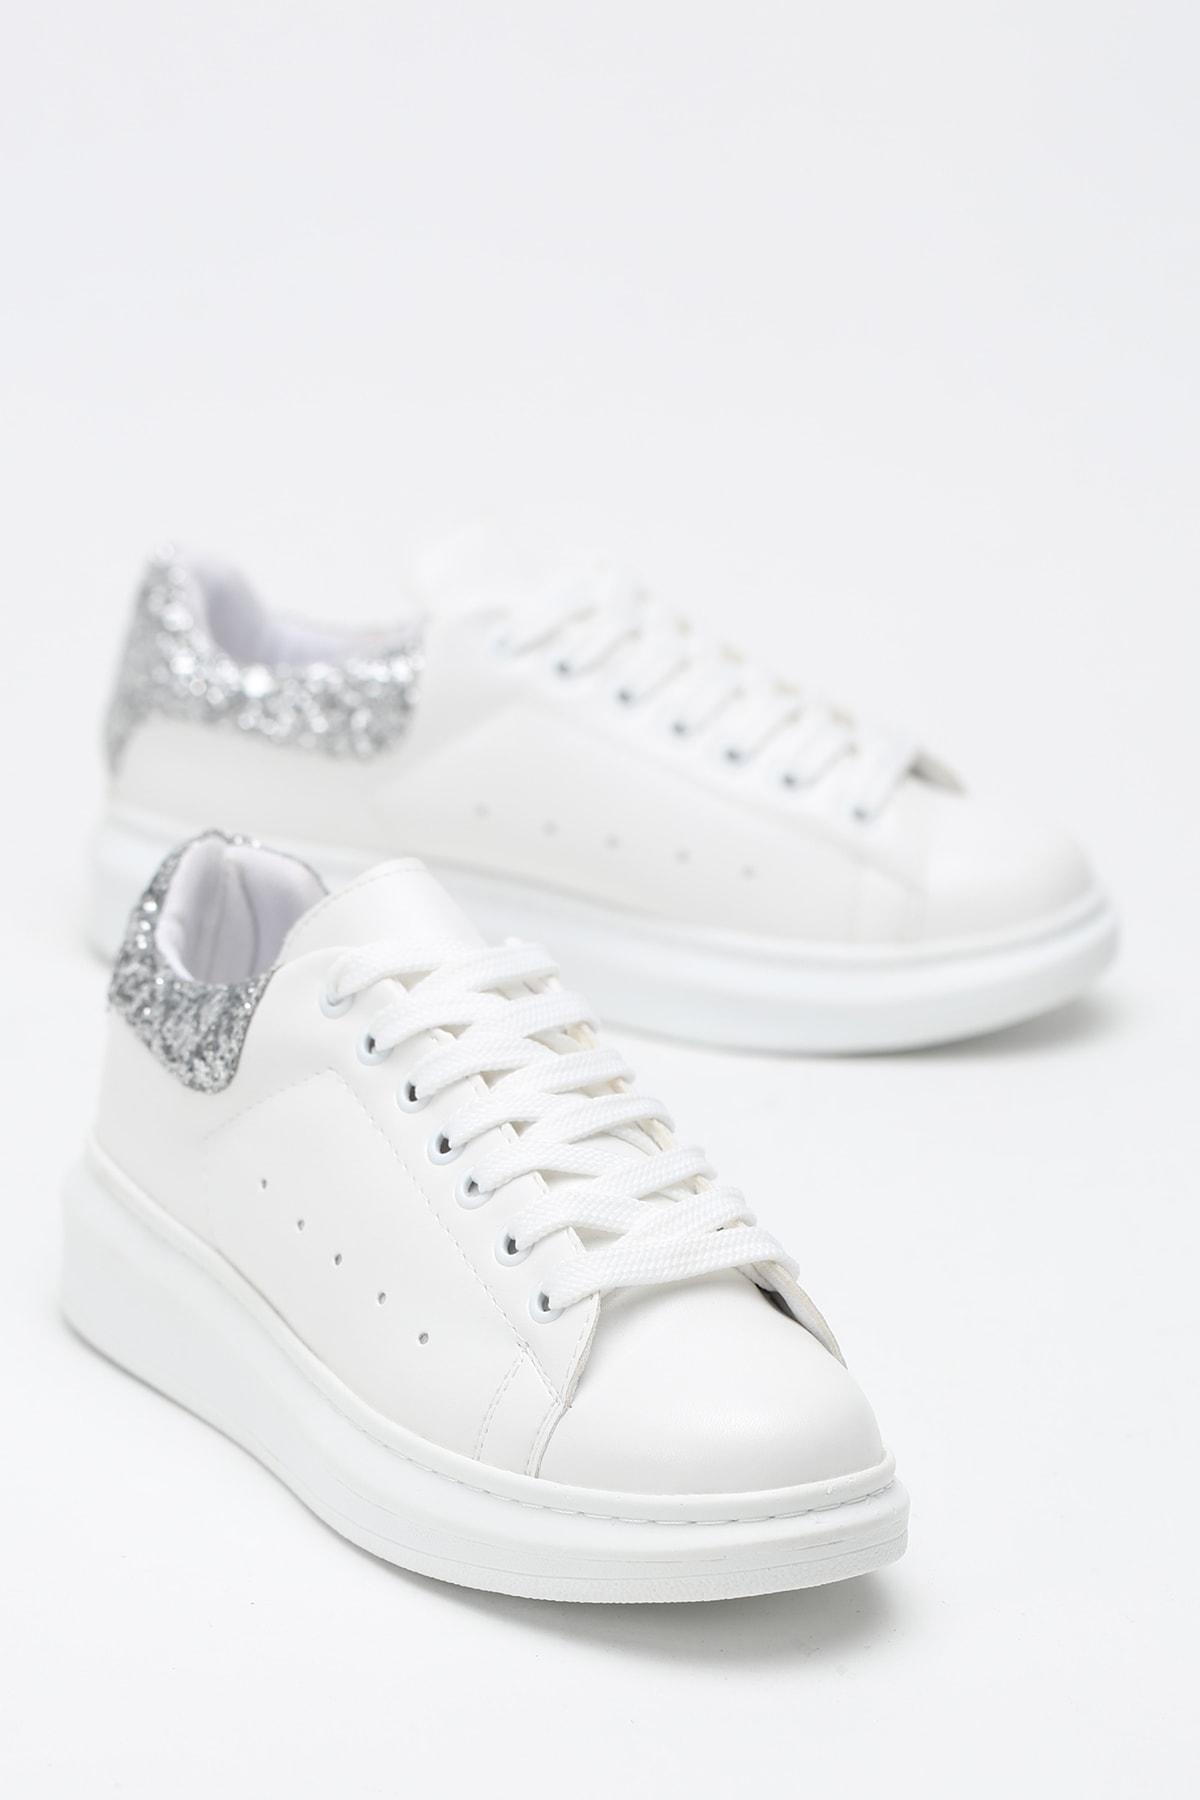 Ayakkabı Modası Beyaz-Gümüş Kadın Casual Ayakkabı 5007-20-110001 0